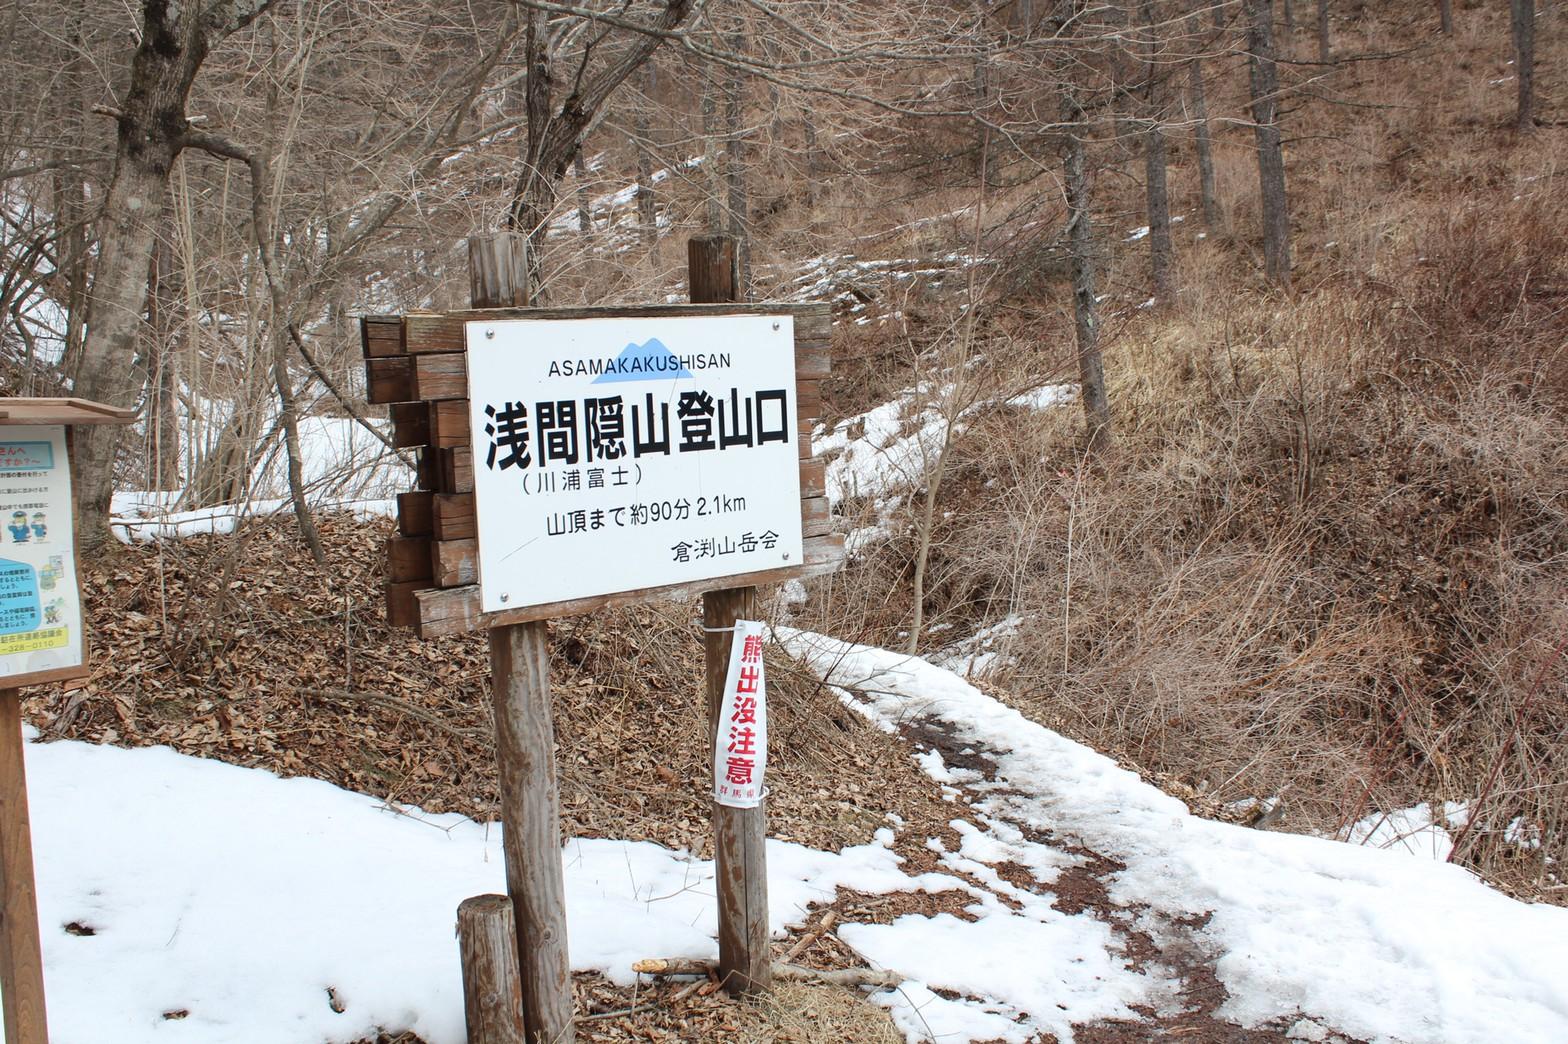 【群馬 浅間隠山】はじめての雪山登山、アイゼンで1歩ずつ踏みしめる